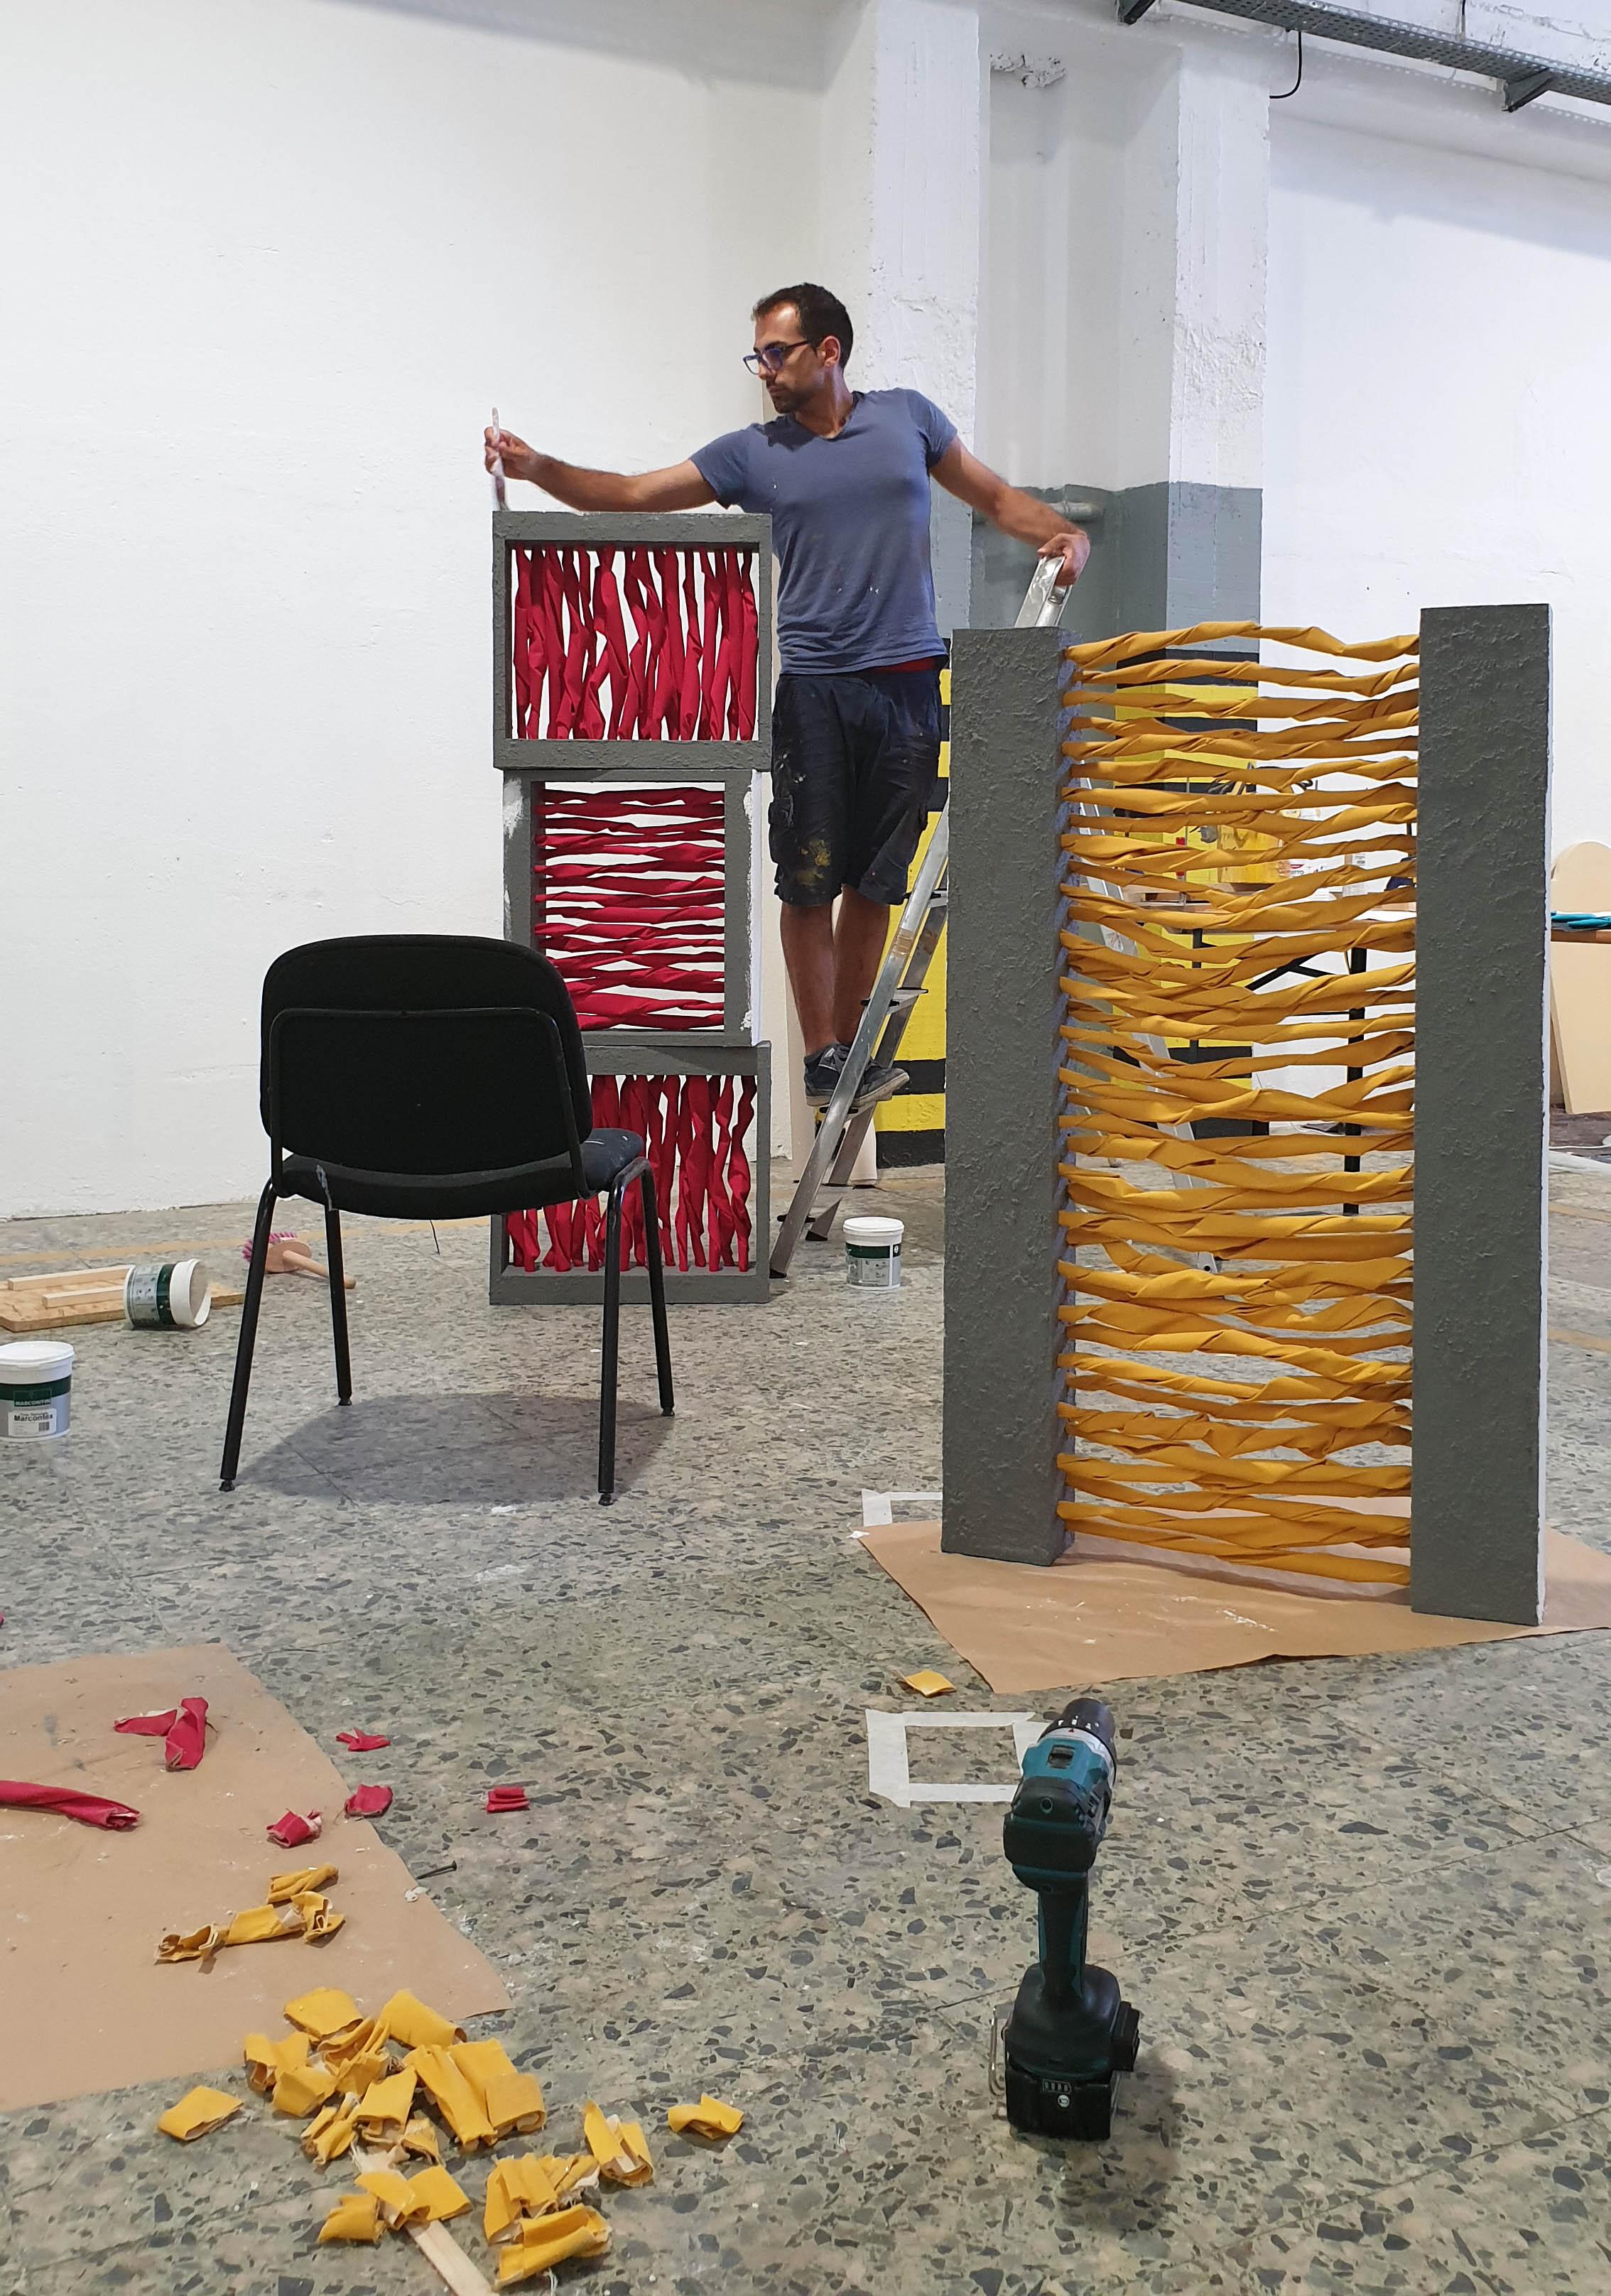 PADA STUDIOS - Barreiro, Portogallo - Luglio 2019